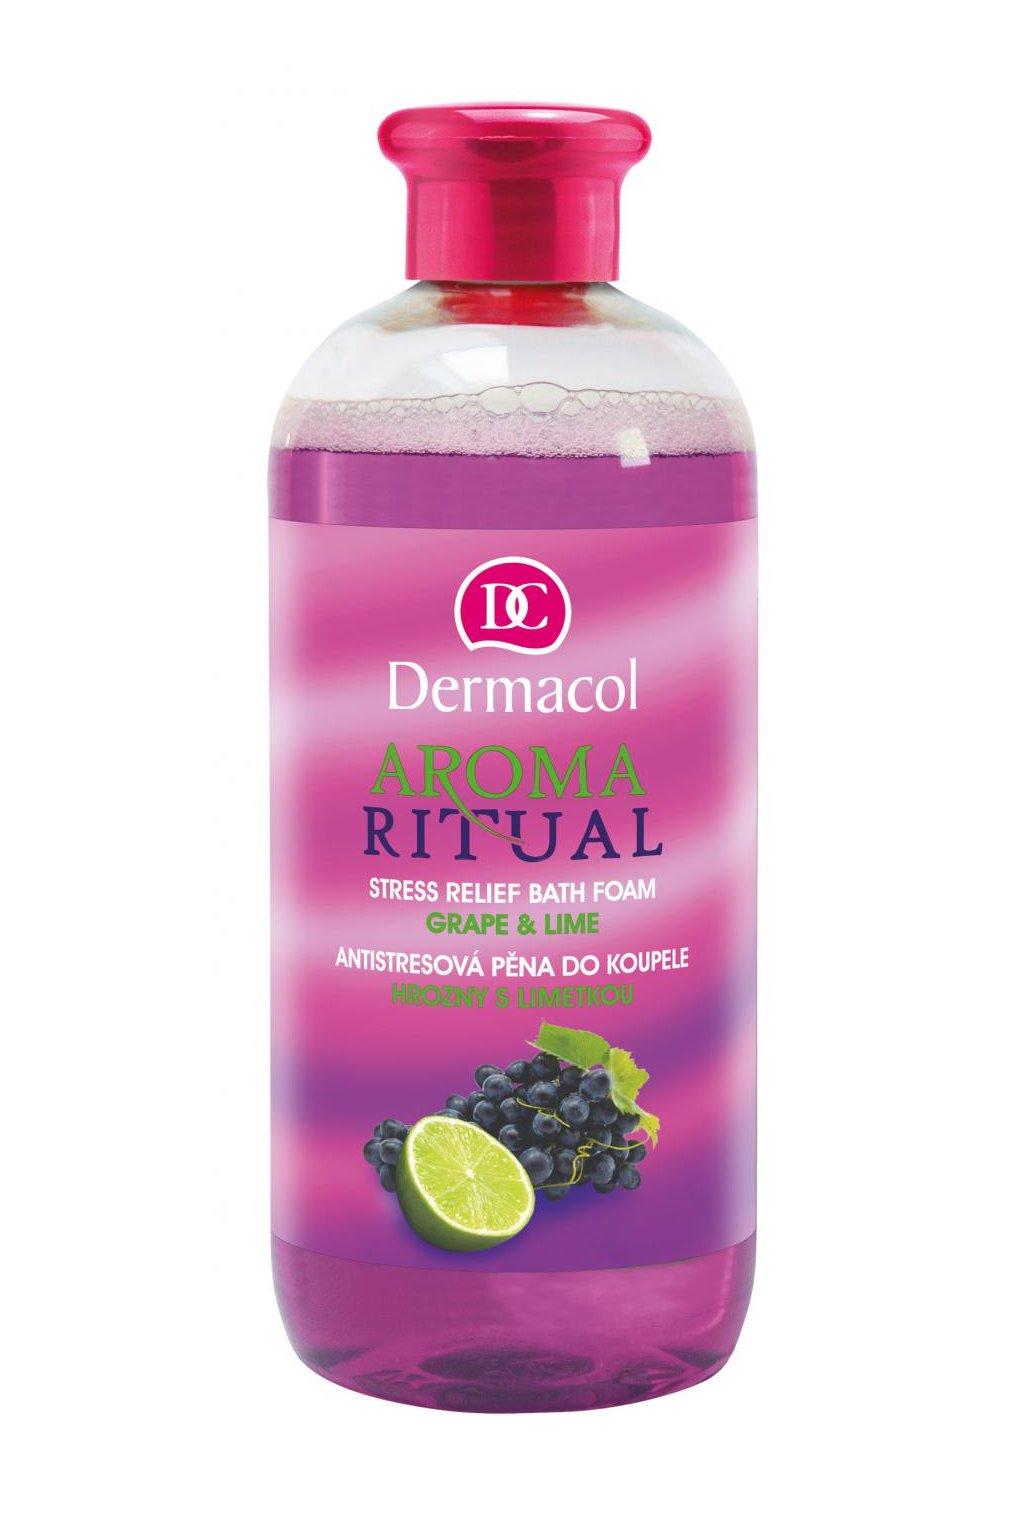 dermacol aroma ritual bath foam grape and lime pena do koupele hrozny s limetkou